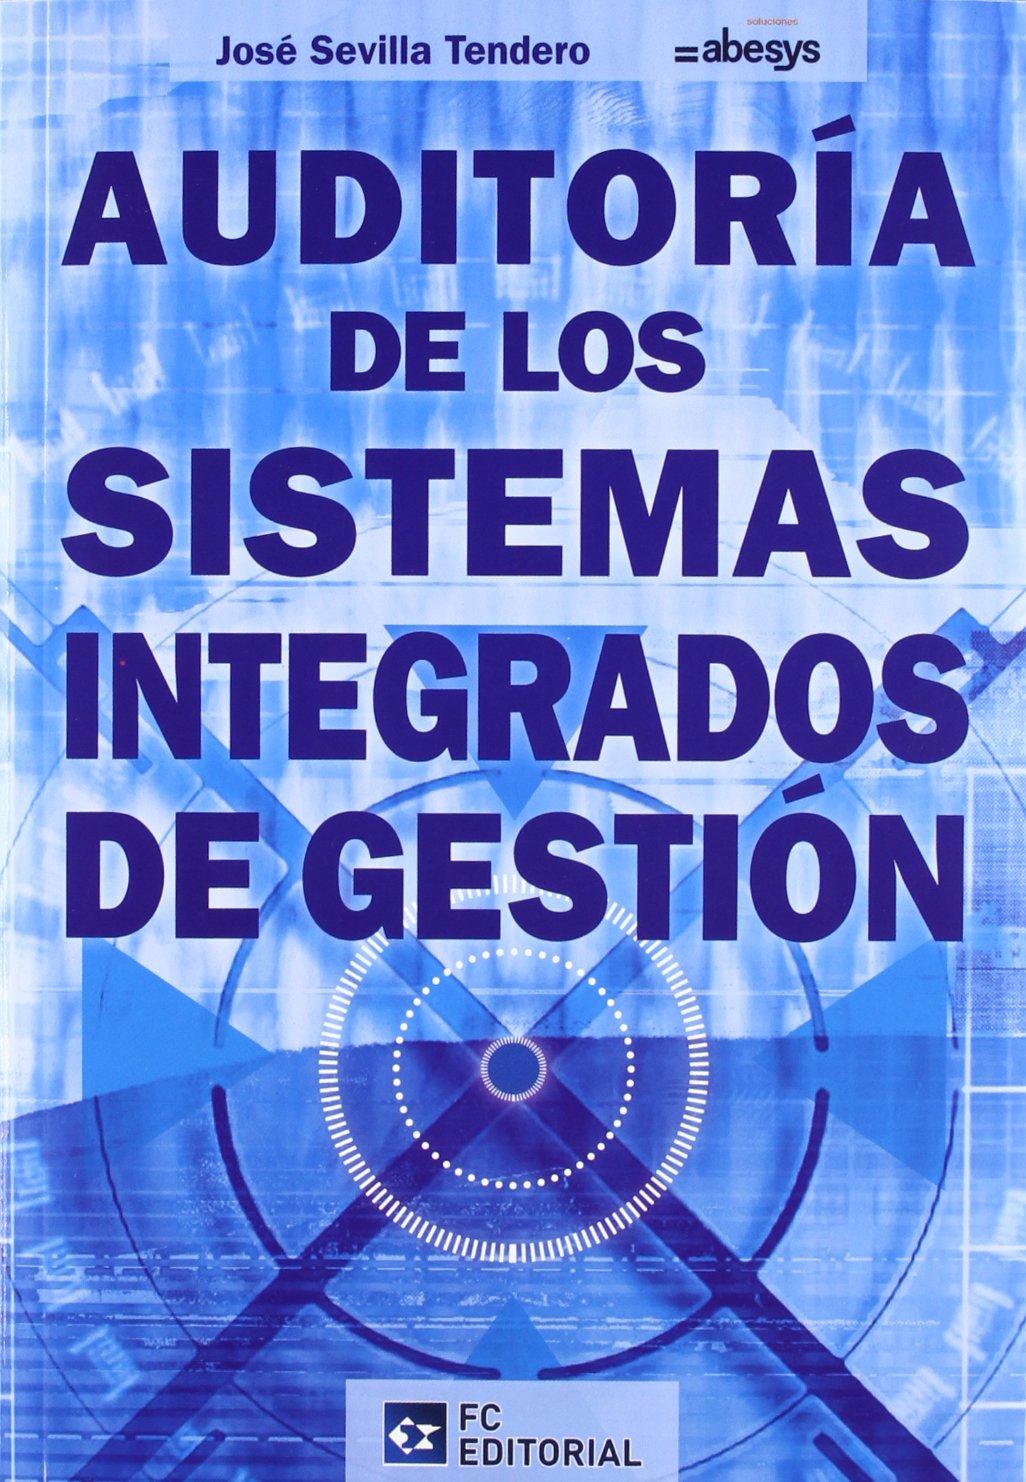 Auditoría de los sistemas integrados de gestión